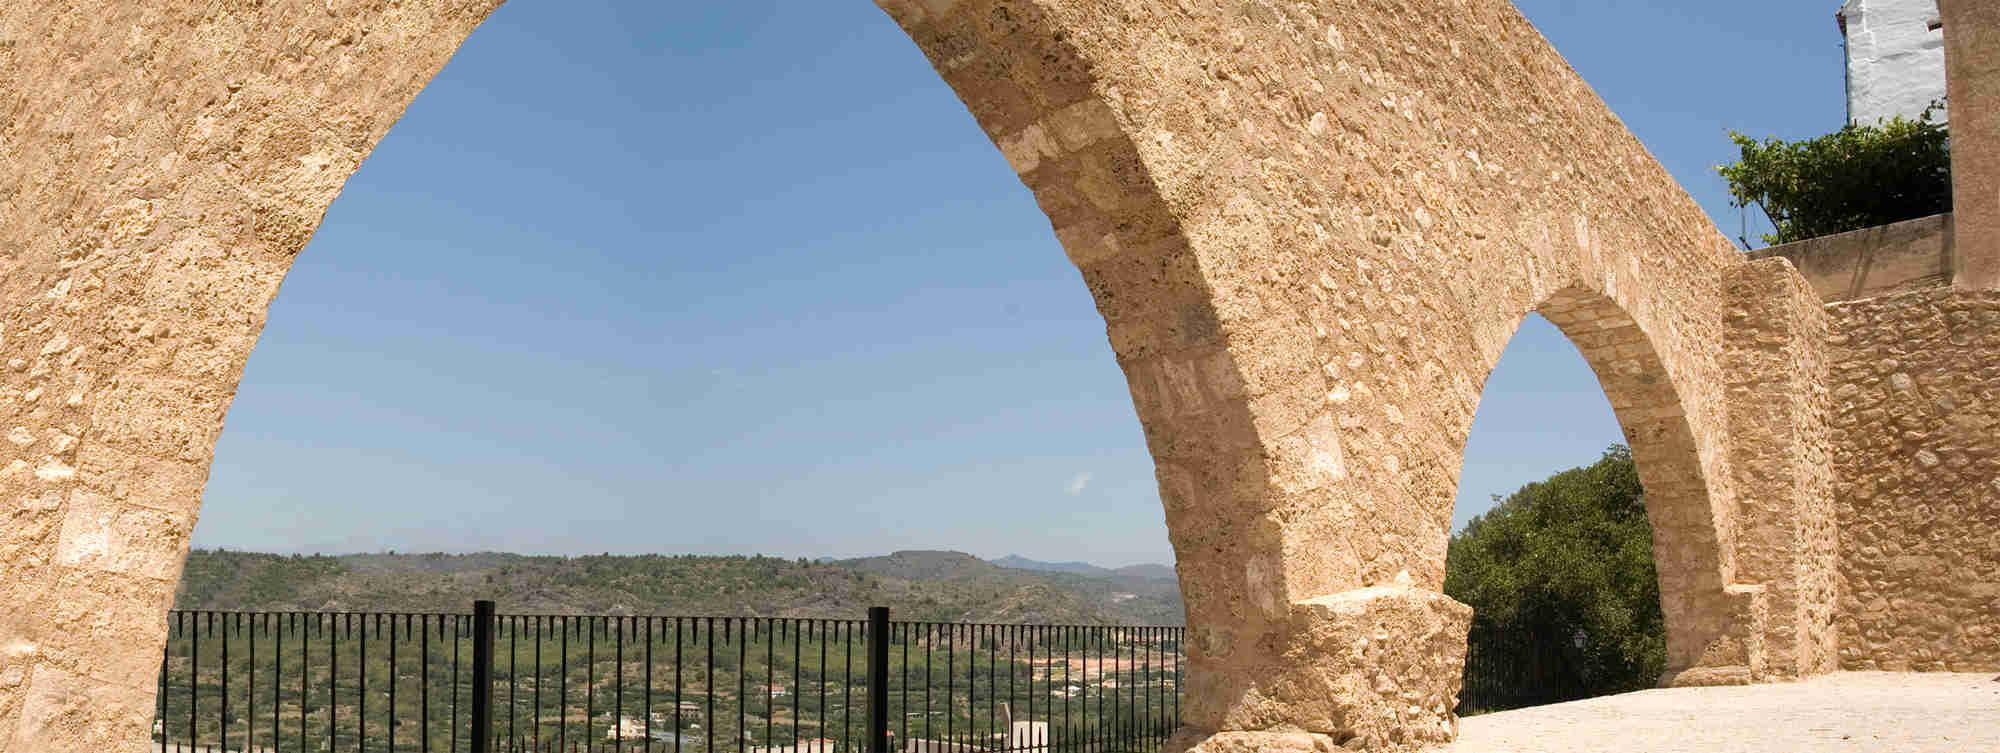 Acueducto de Segorbe, turismo